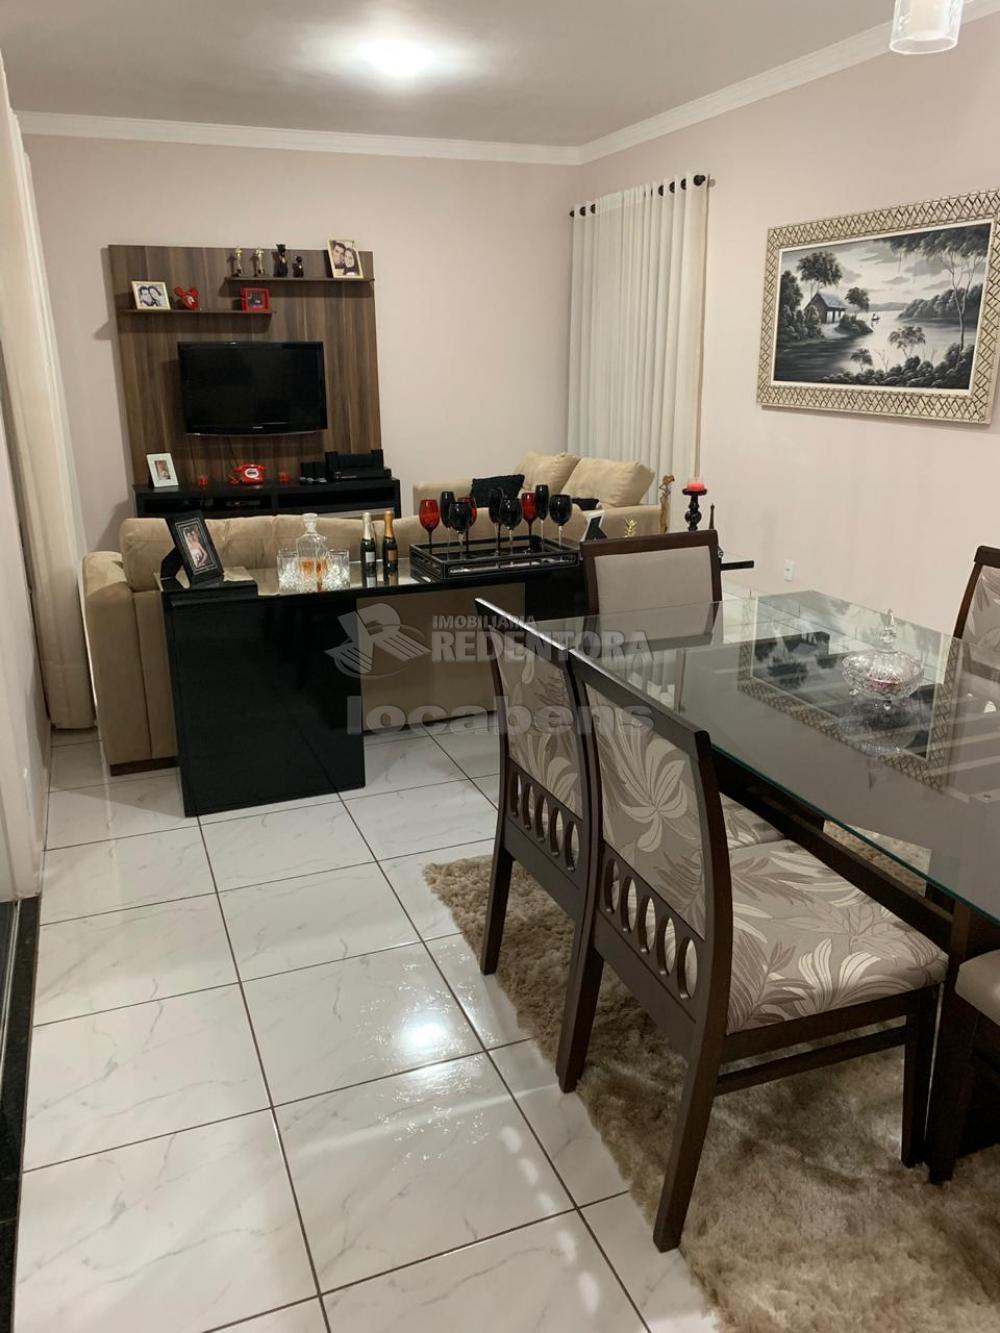 Comprar Casa / Padrão em Bady Bassitt R$ 370.000,00 - Foto 23